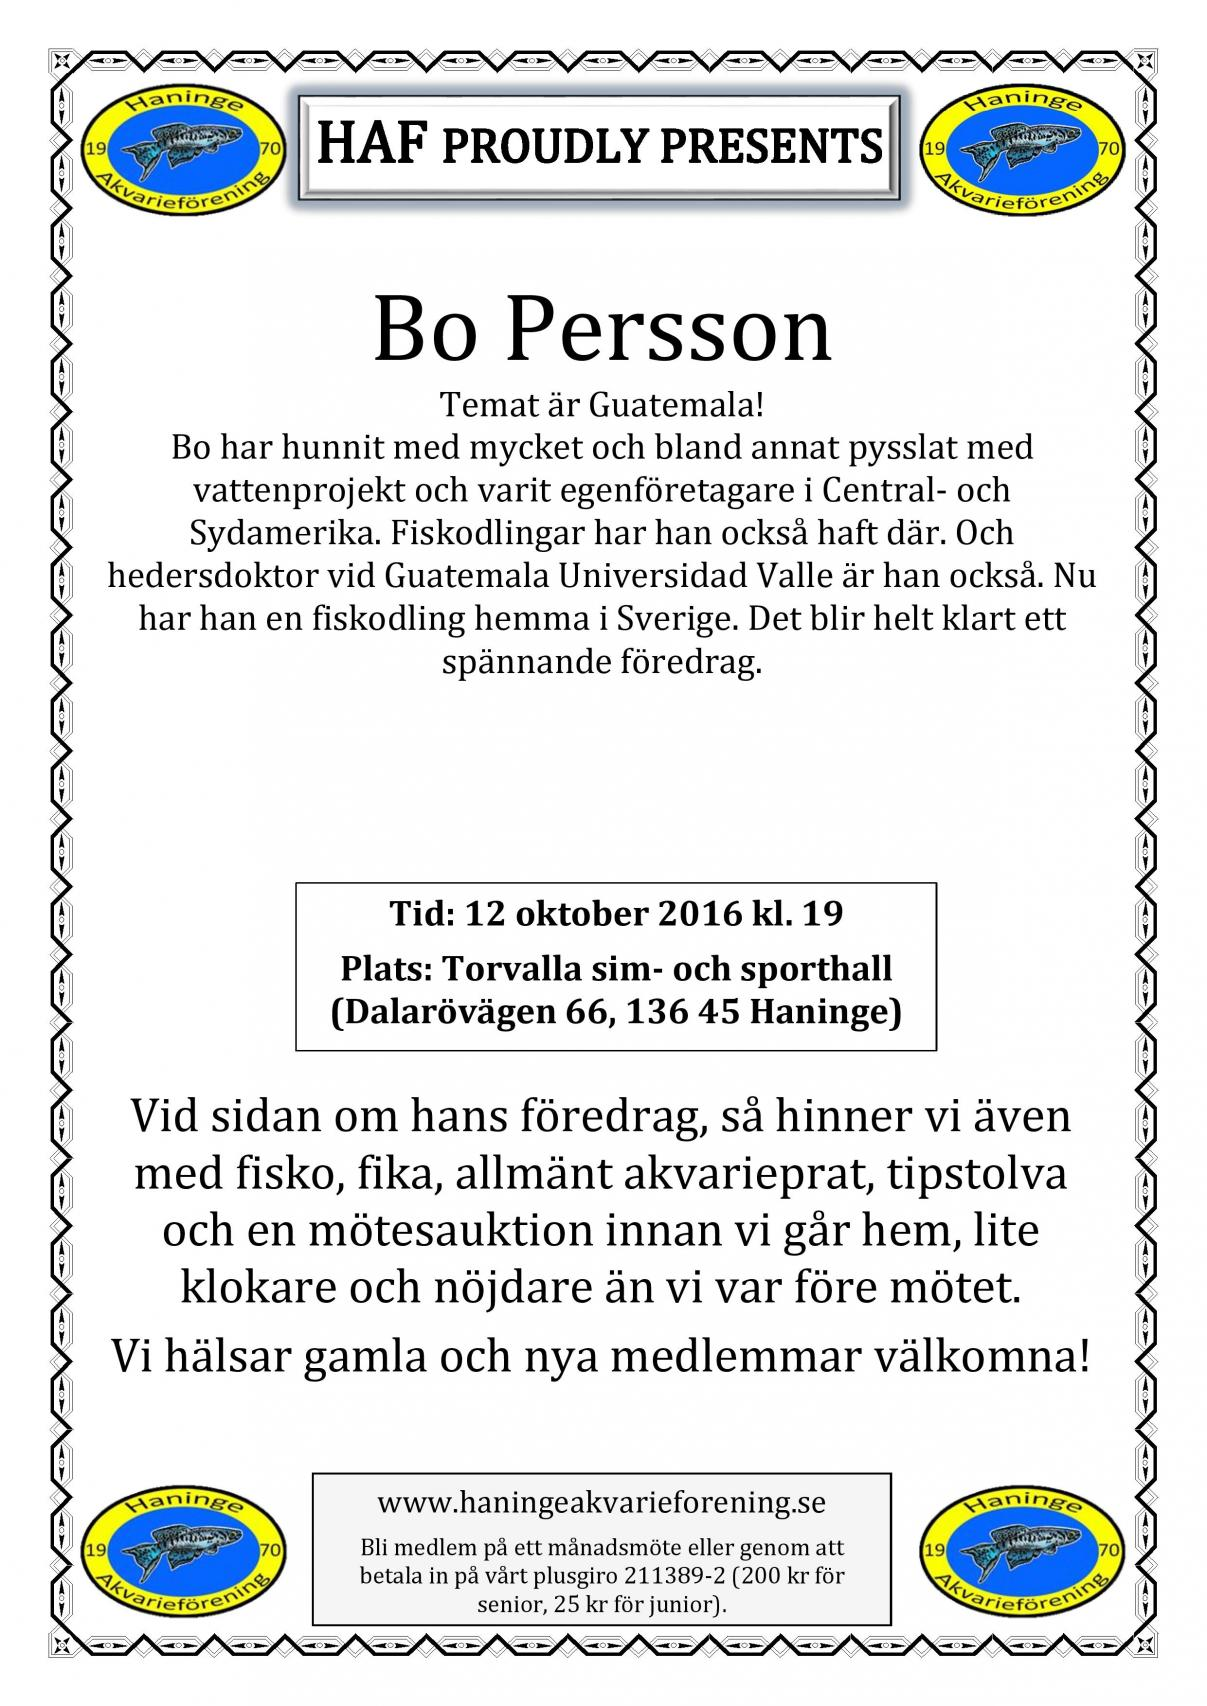 Klicka på bilden för en större version.Namn:HAF_Proudly presents oktober 2016_Bo Persson_-page-001.jpgVisningar:0Storlek:289,0 KBId:58161